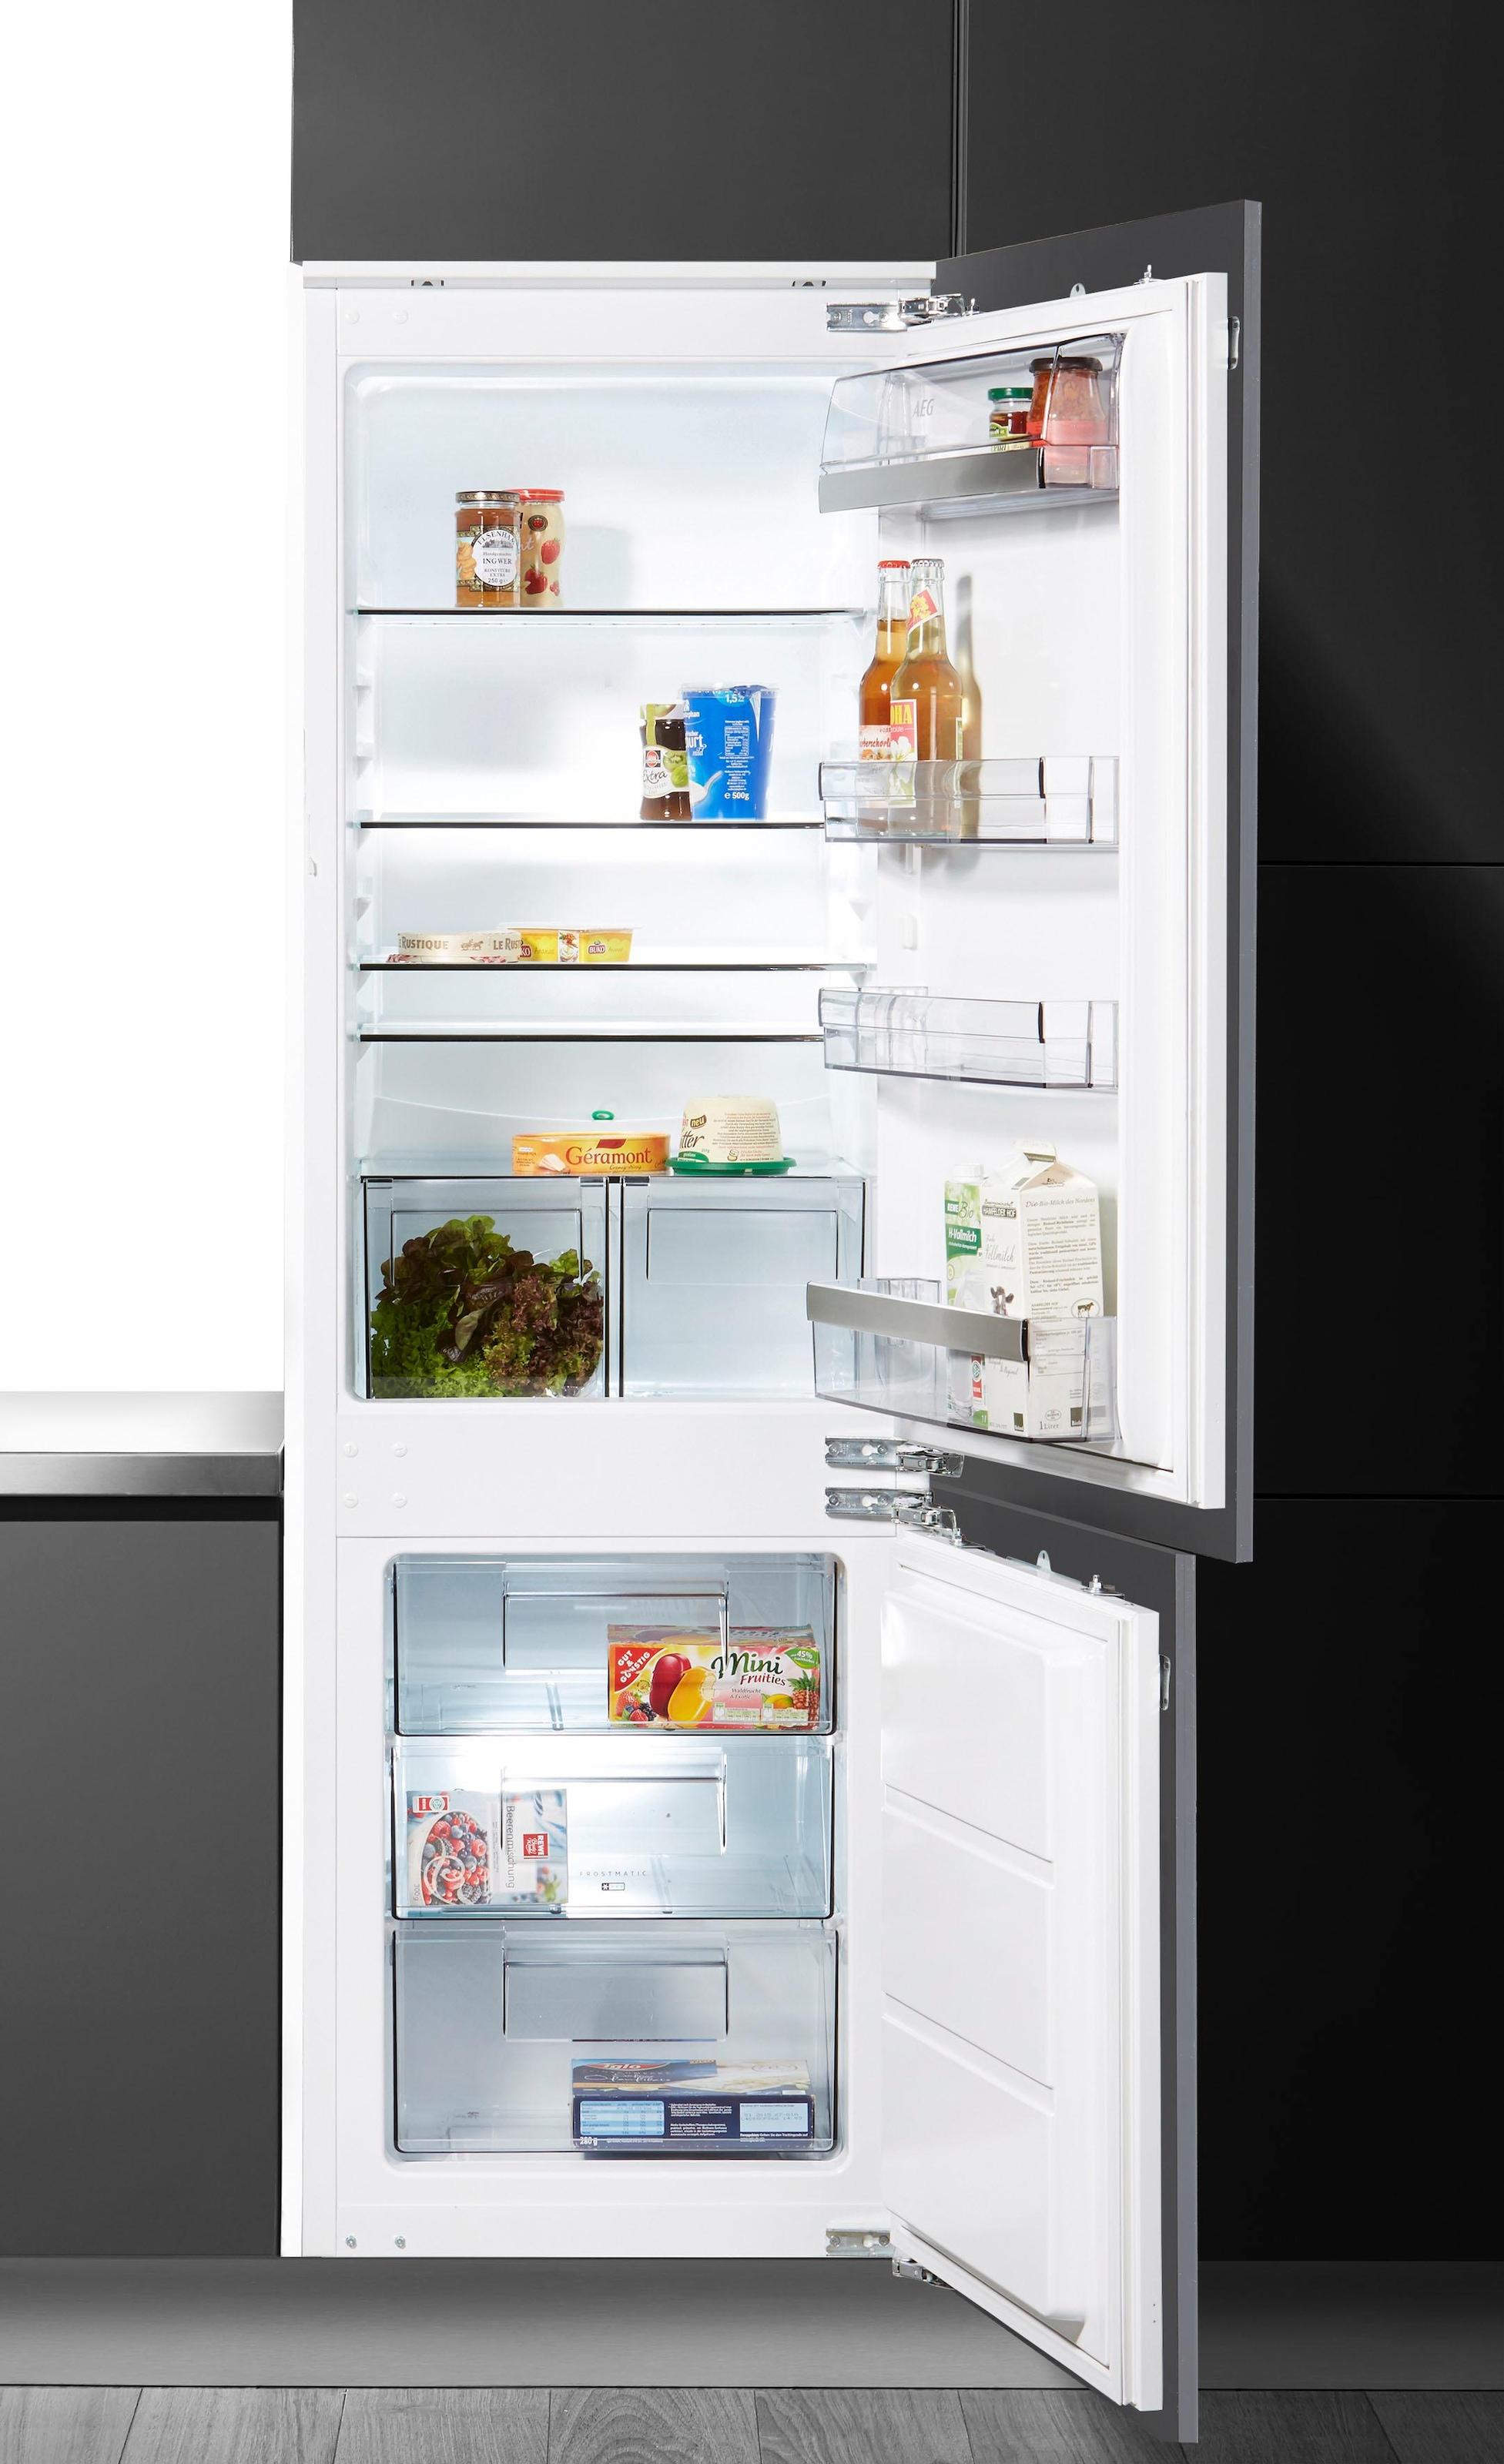 Aeg Kühlschrank Gefrierkombination : Aeg einbau kühl gefrierkombination santo scb lf cm